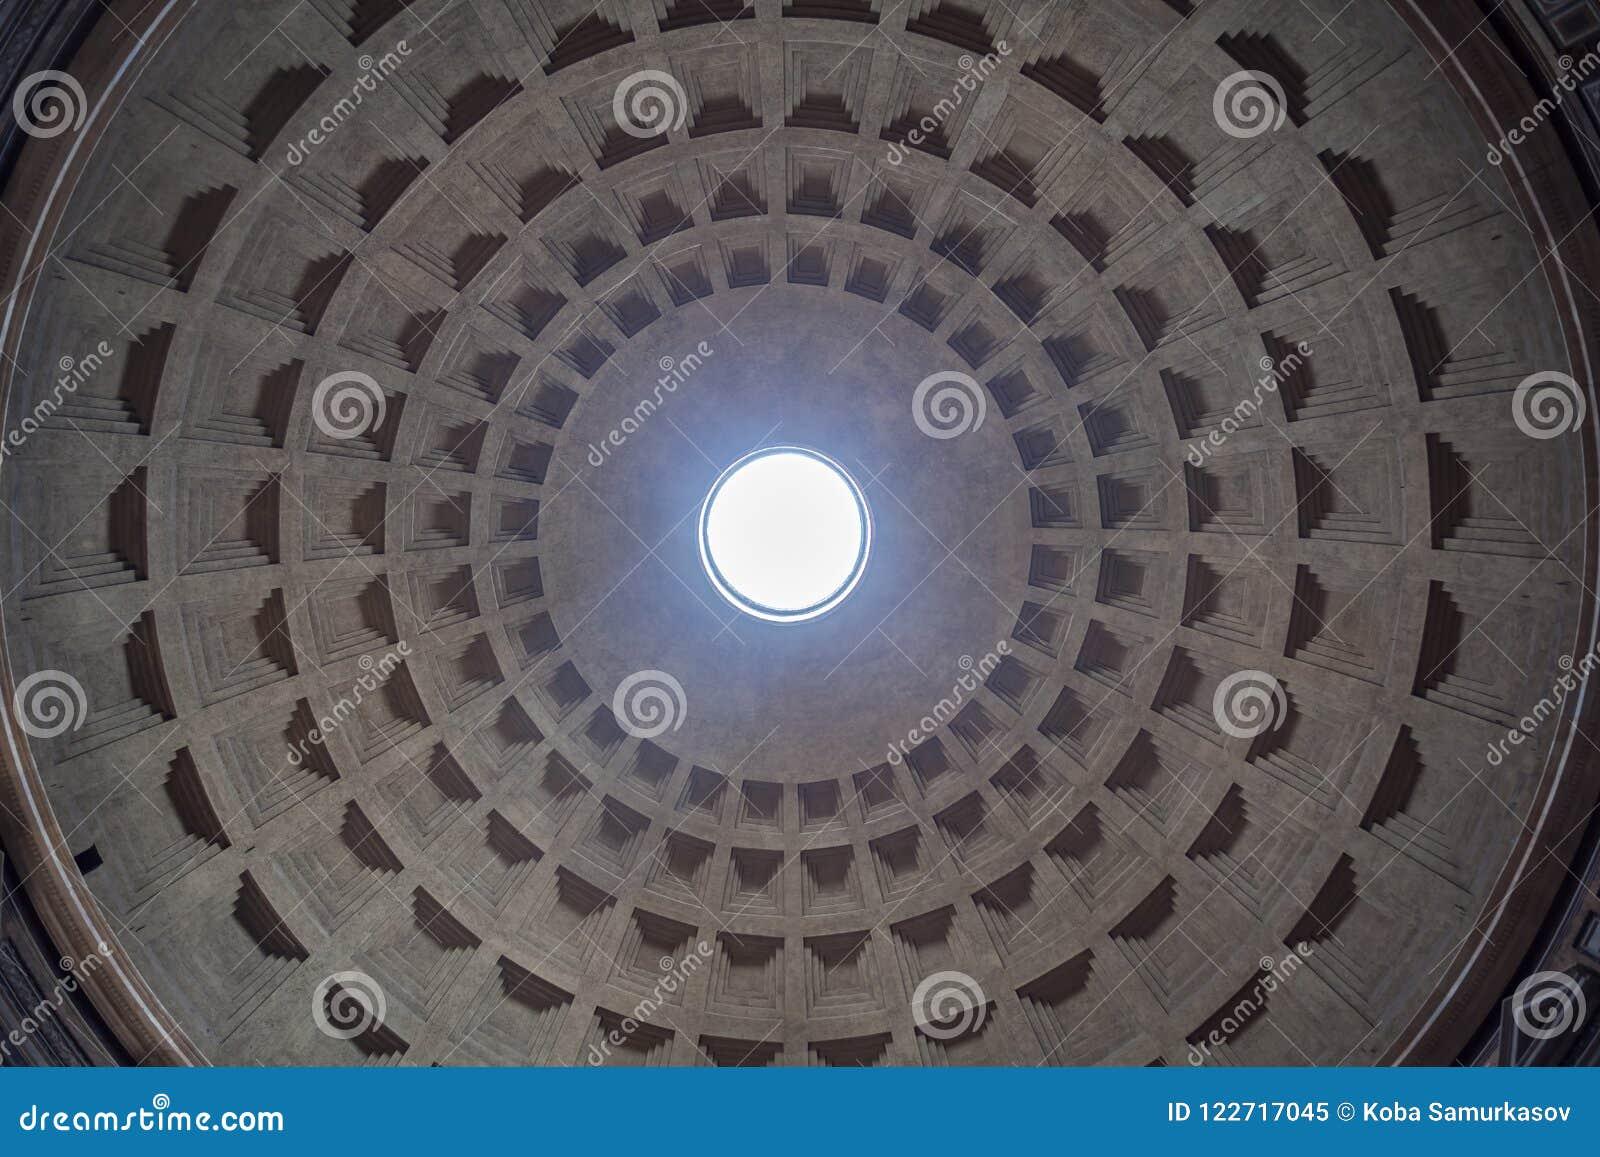 万神殿的圆顶的内部视图在罗马,意大利